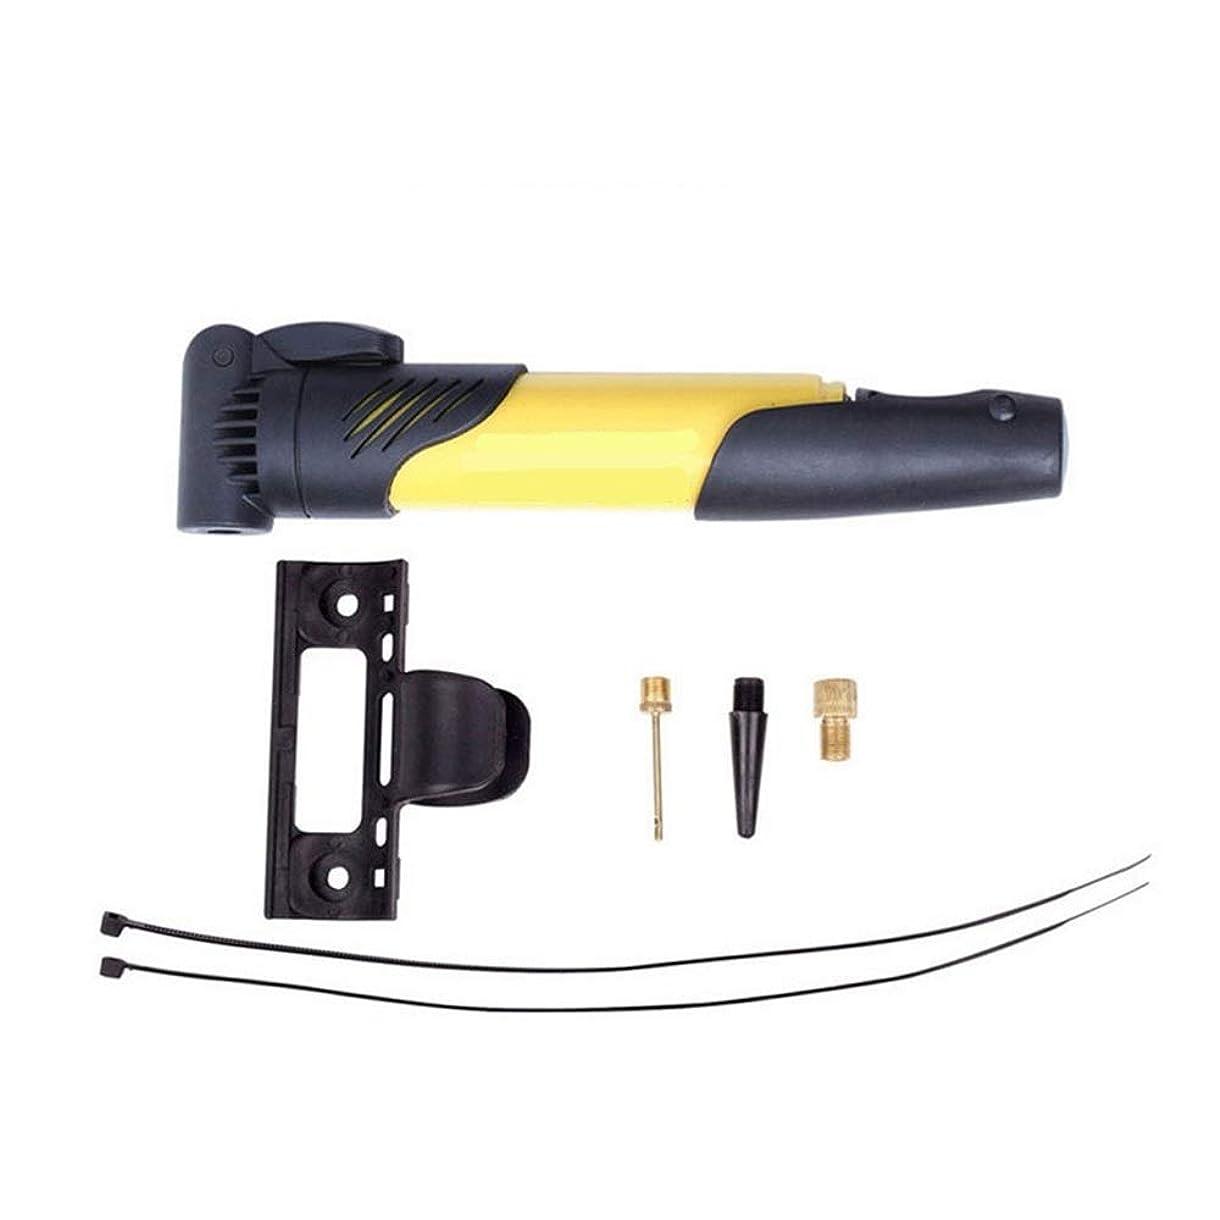 嵐の雪だるまアルネバイクポンプ、ミニバイクタイヤポンプはPrestaとSchraderにフィットします。山、道、雑種及びBMXの自転車のタイヤおよびスポーツの球のための携帯用自転車の空気ポンプ (Color : Yellow)